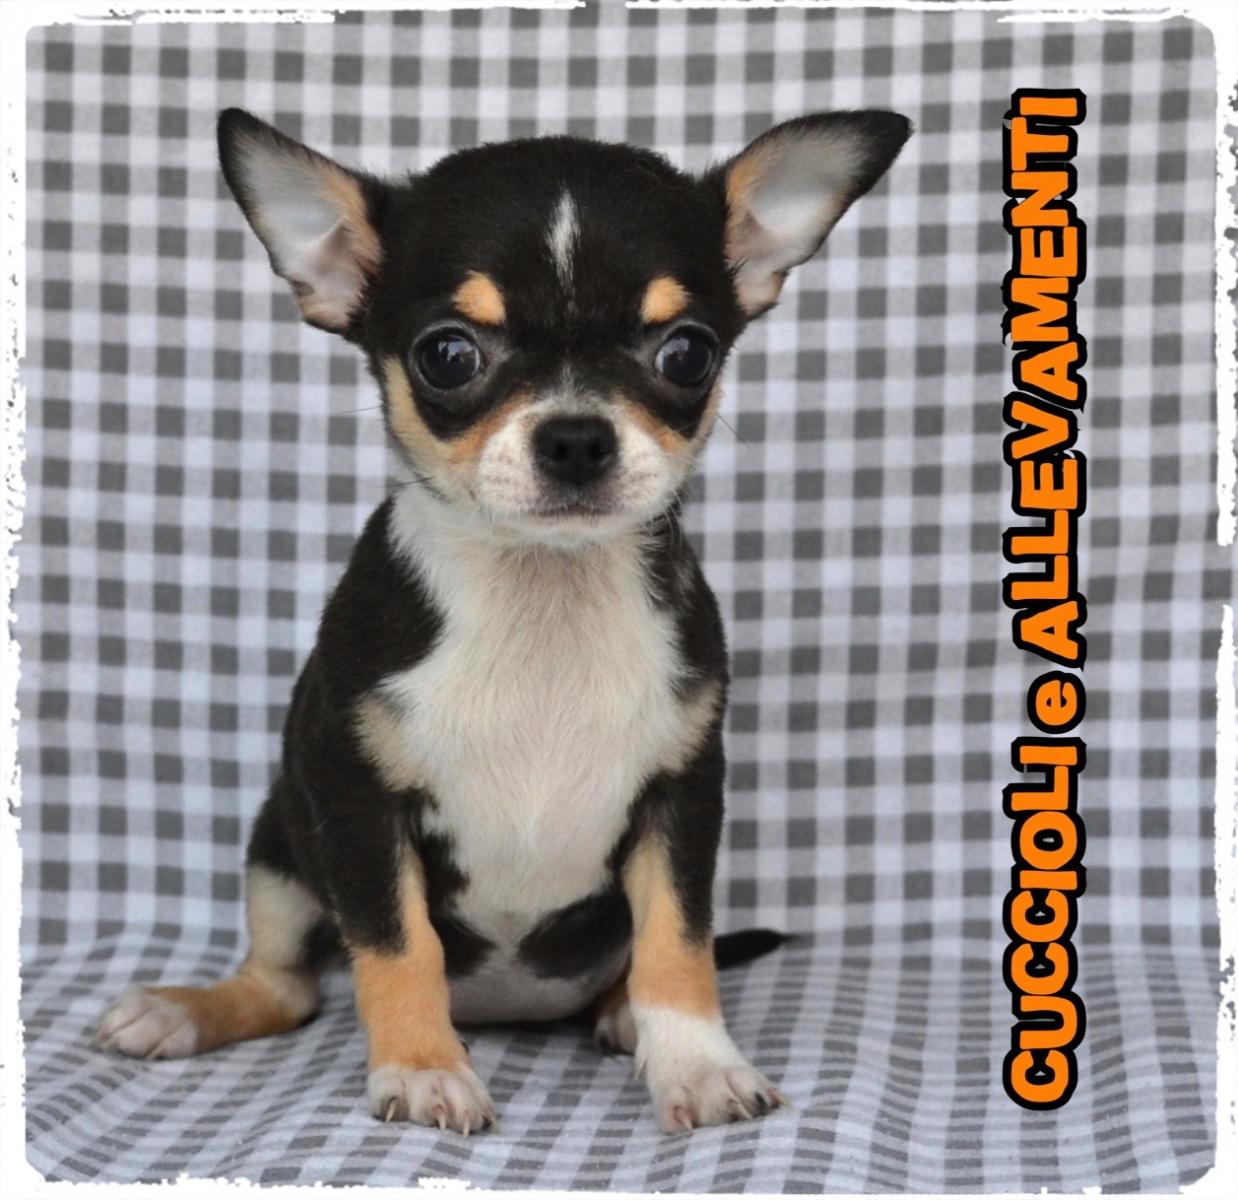 Chihuahua 36_wm